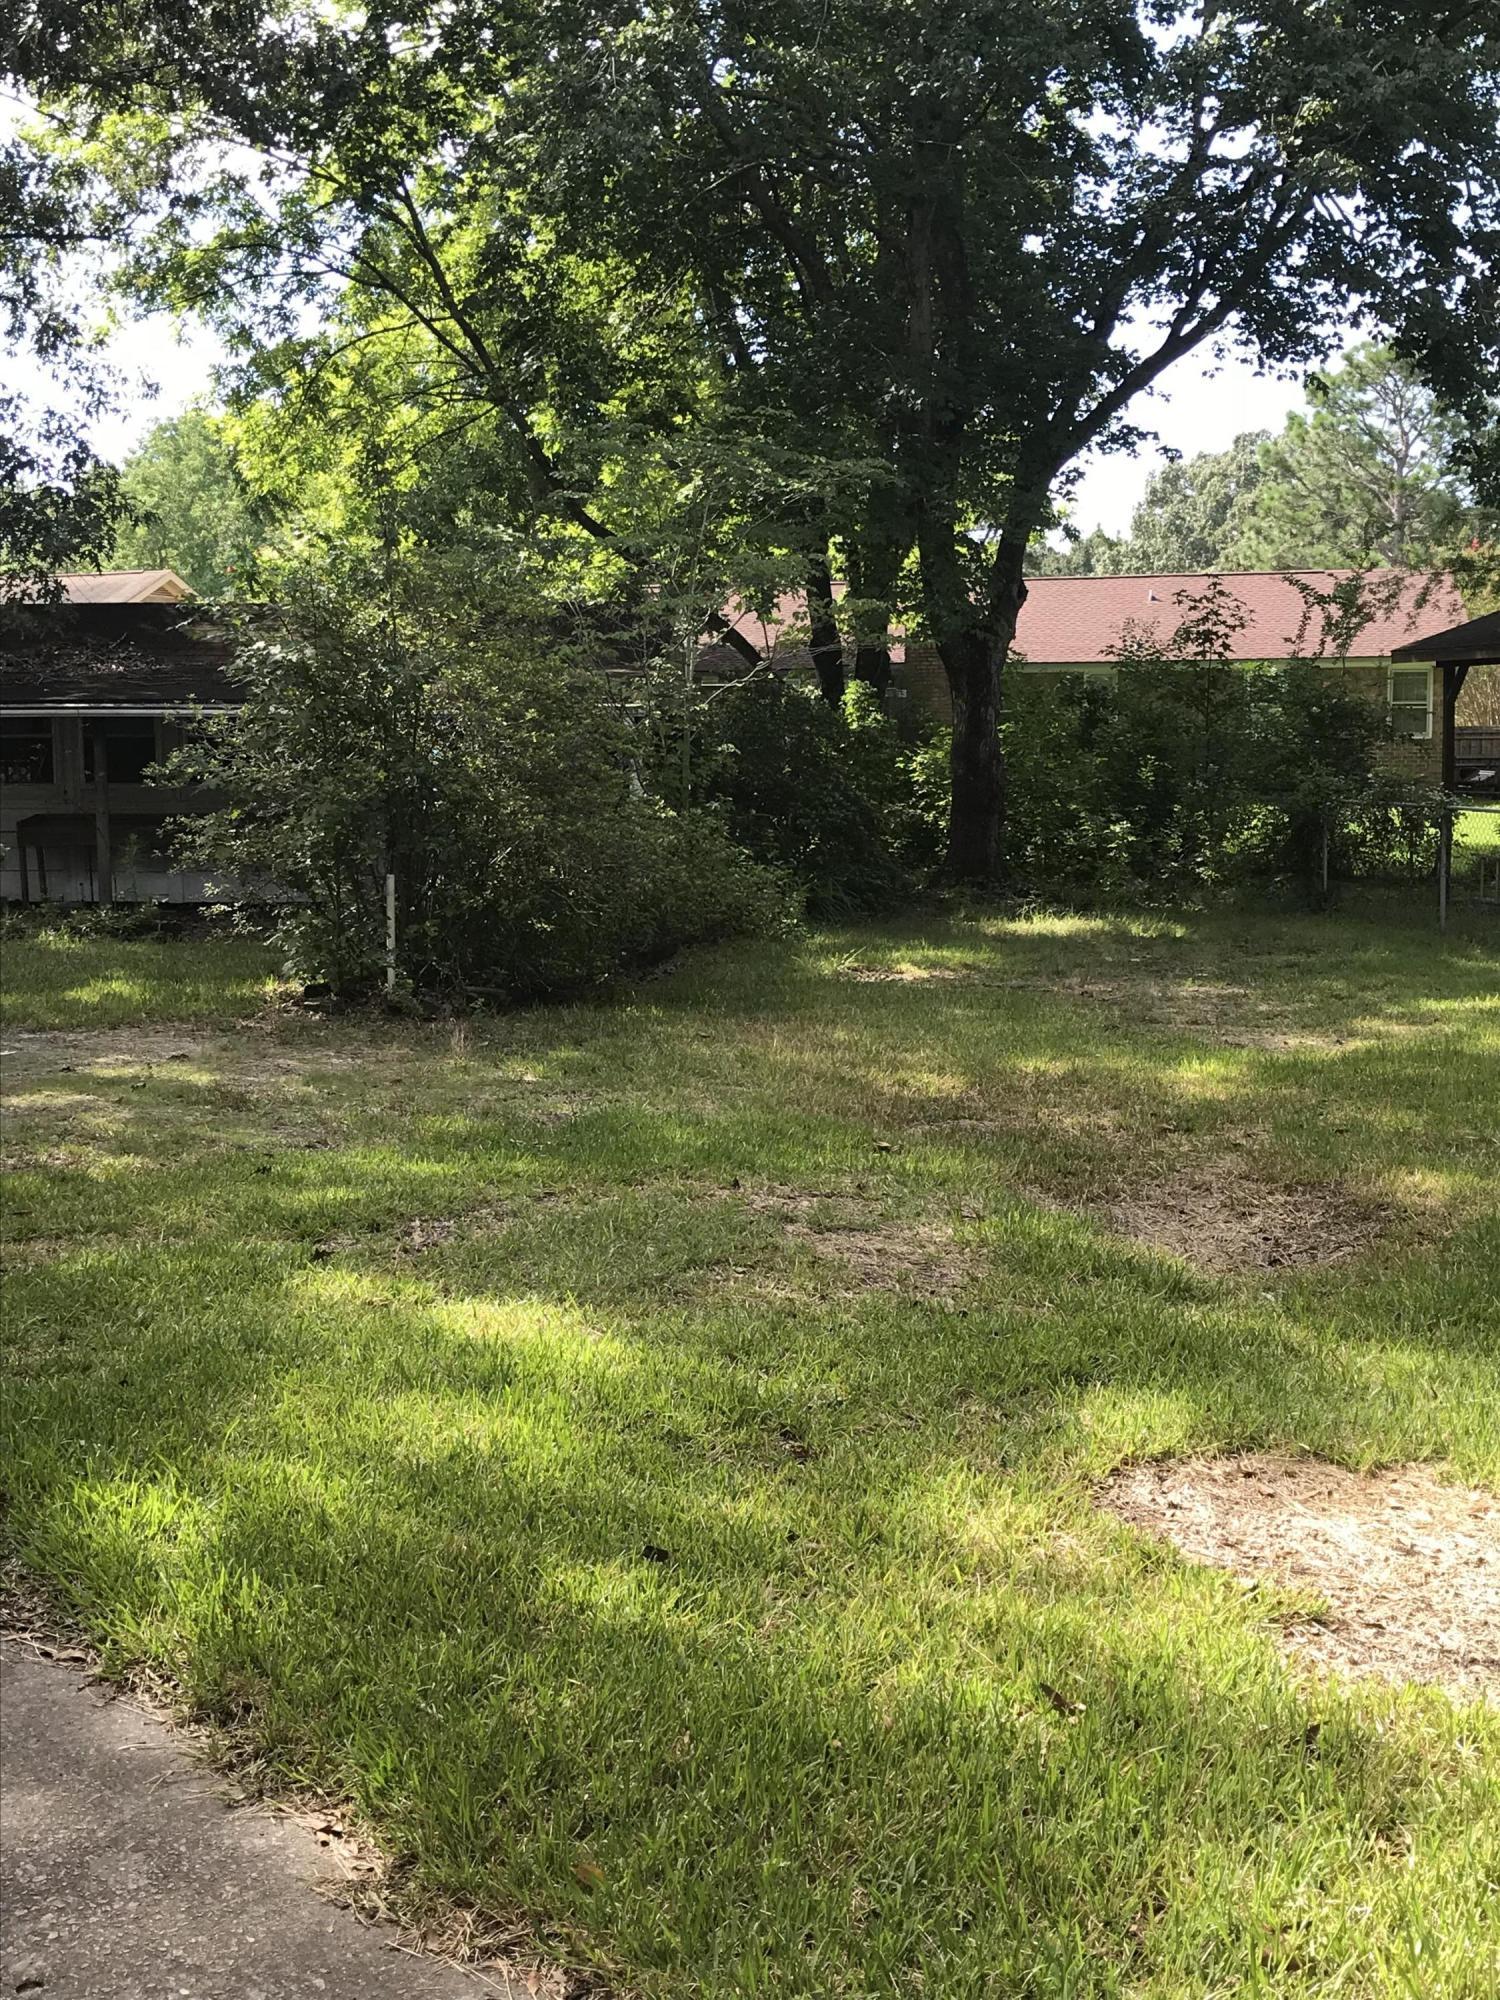 St James Estates Homes For Sale - 103 Westminster, Goose Creek, SC - 43